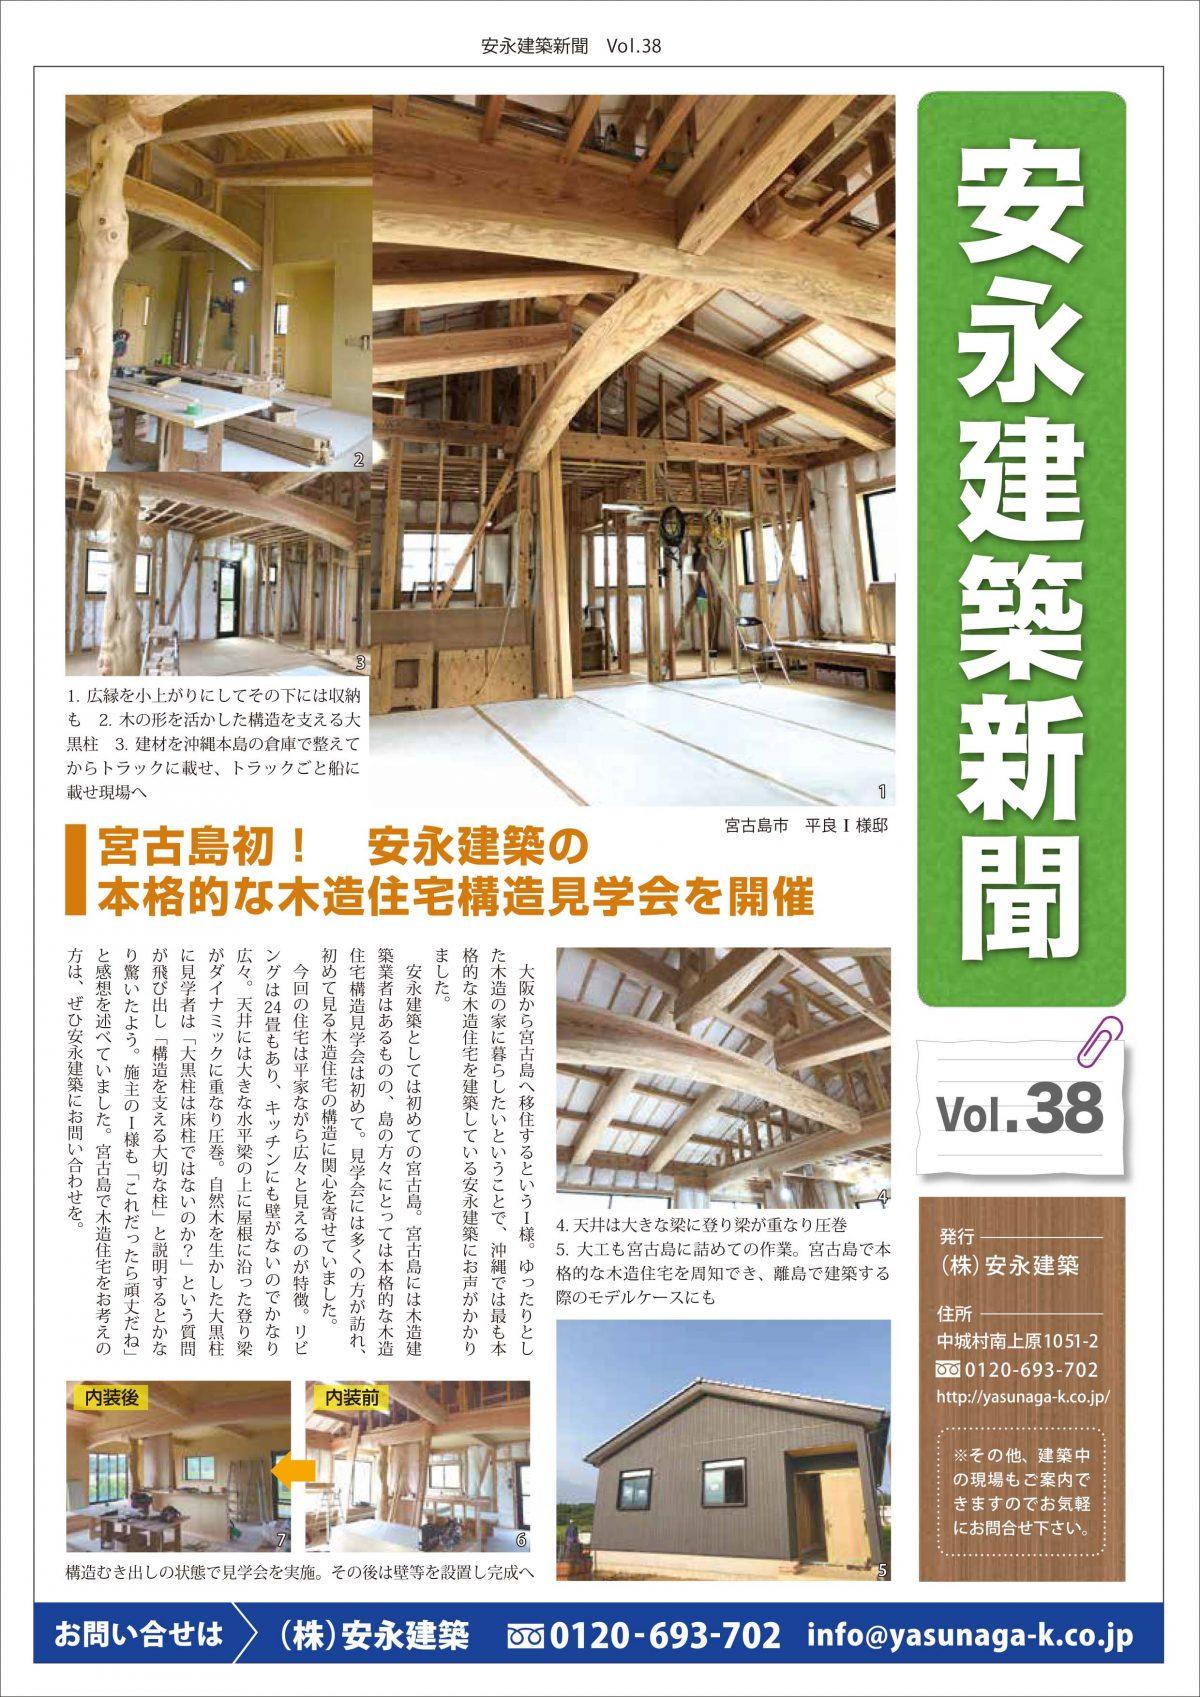 38号出てます!「安永建築新聞」マンガ以外のチラシもやってます!